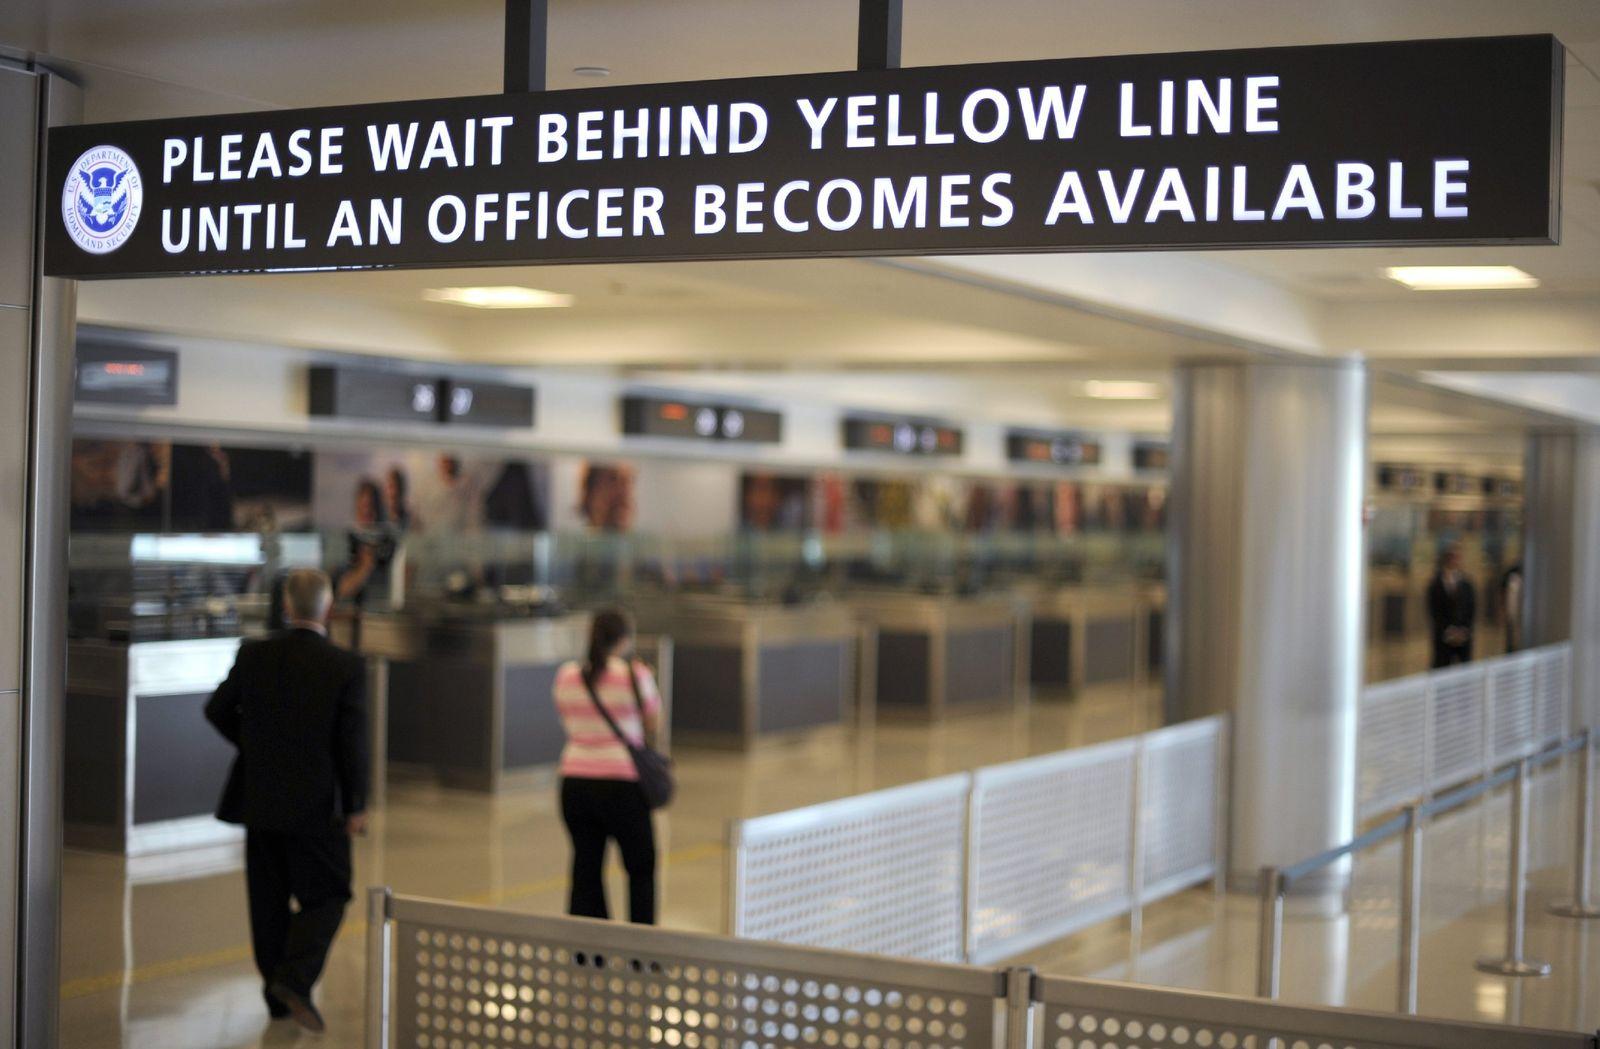 Flughafen Dulles in Virginia erweitert